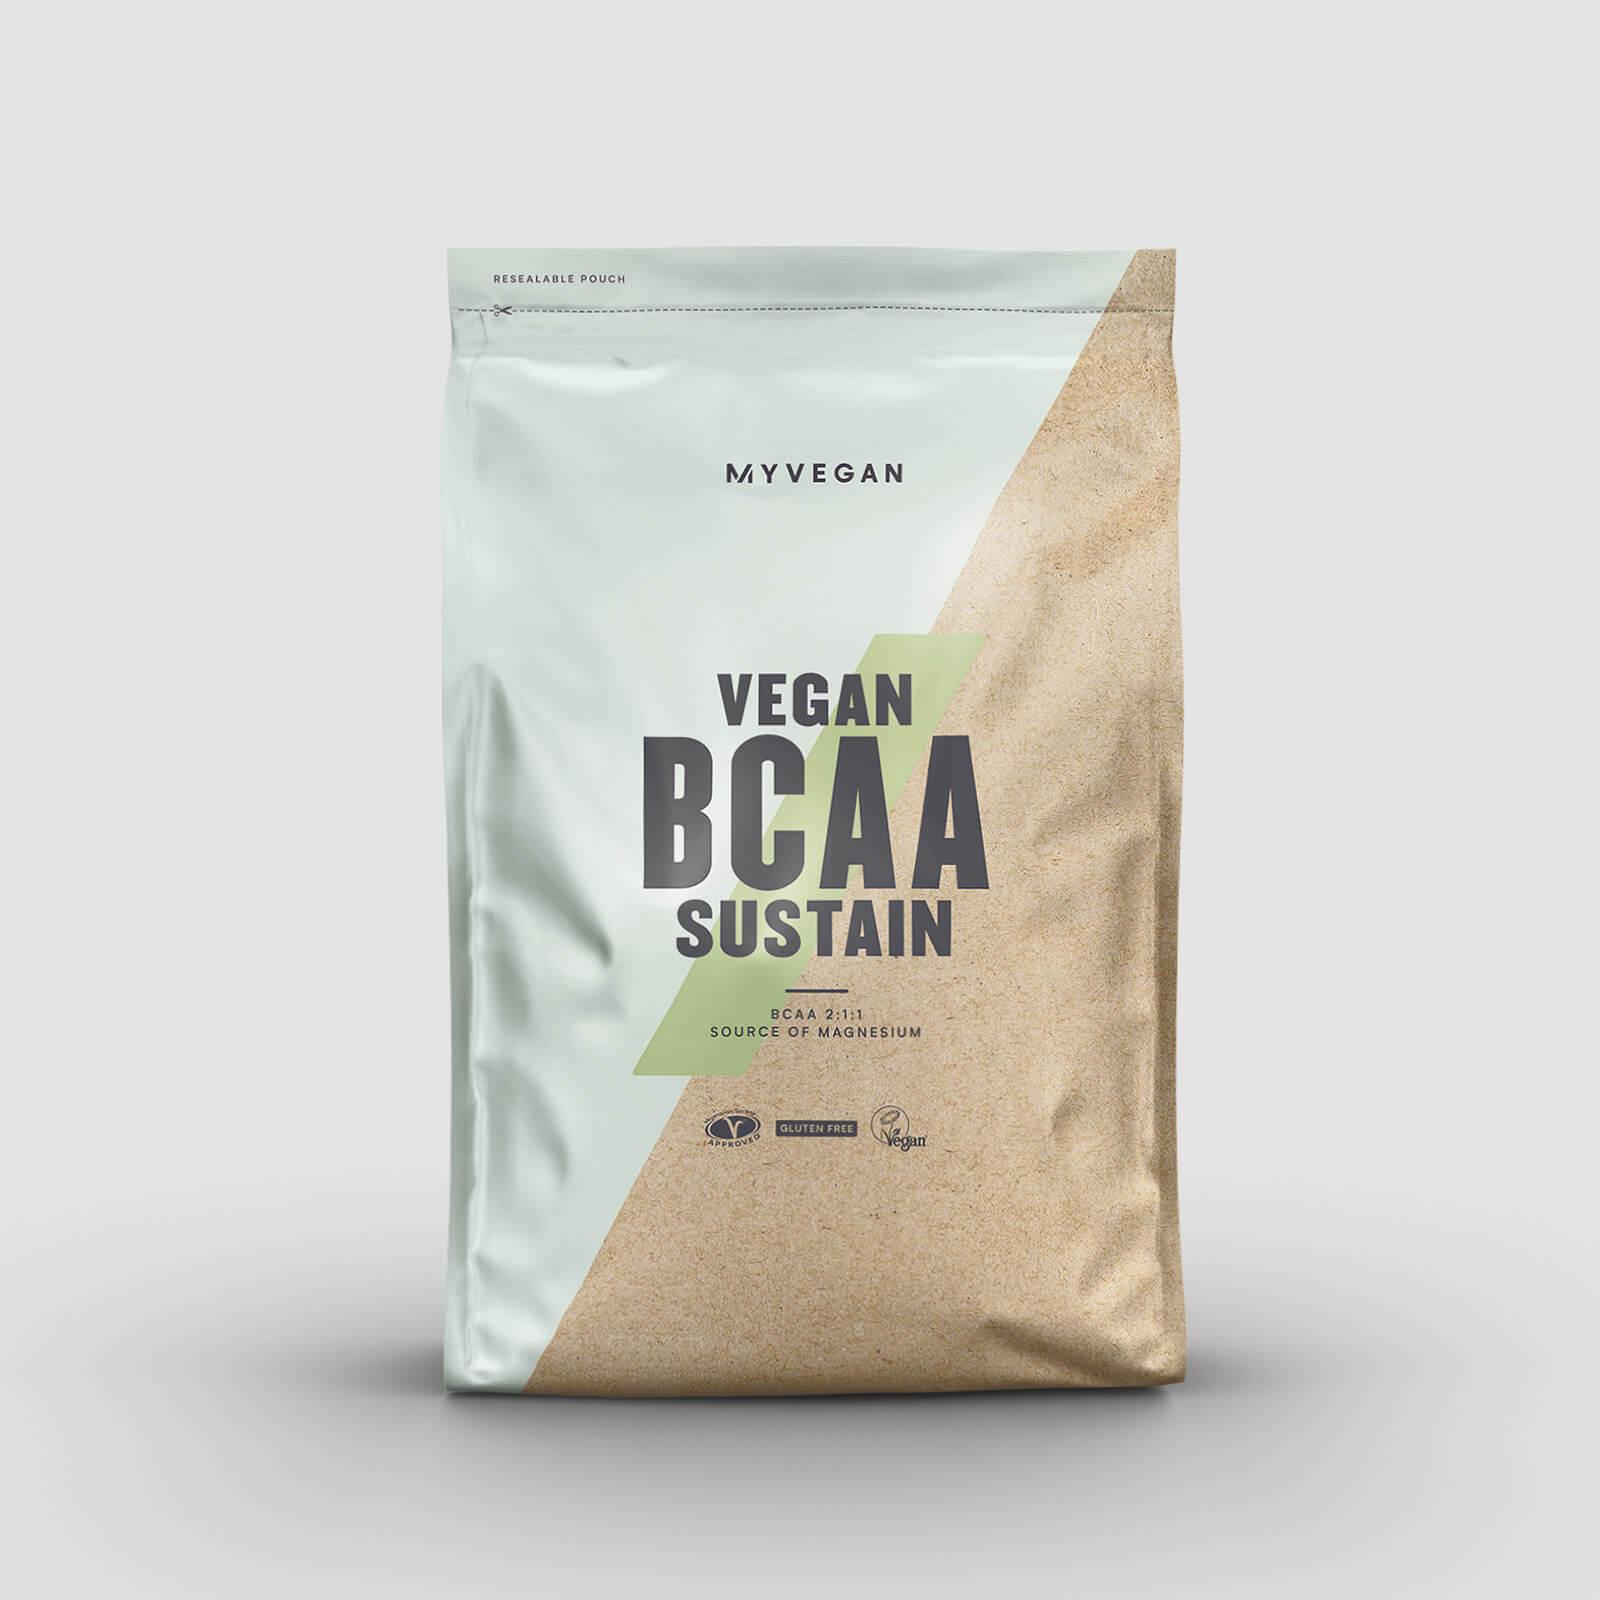 Myprotein Vegan BCAA Sustain Powder - 250g - Raspberry Lemonade